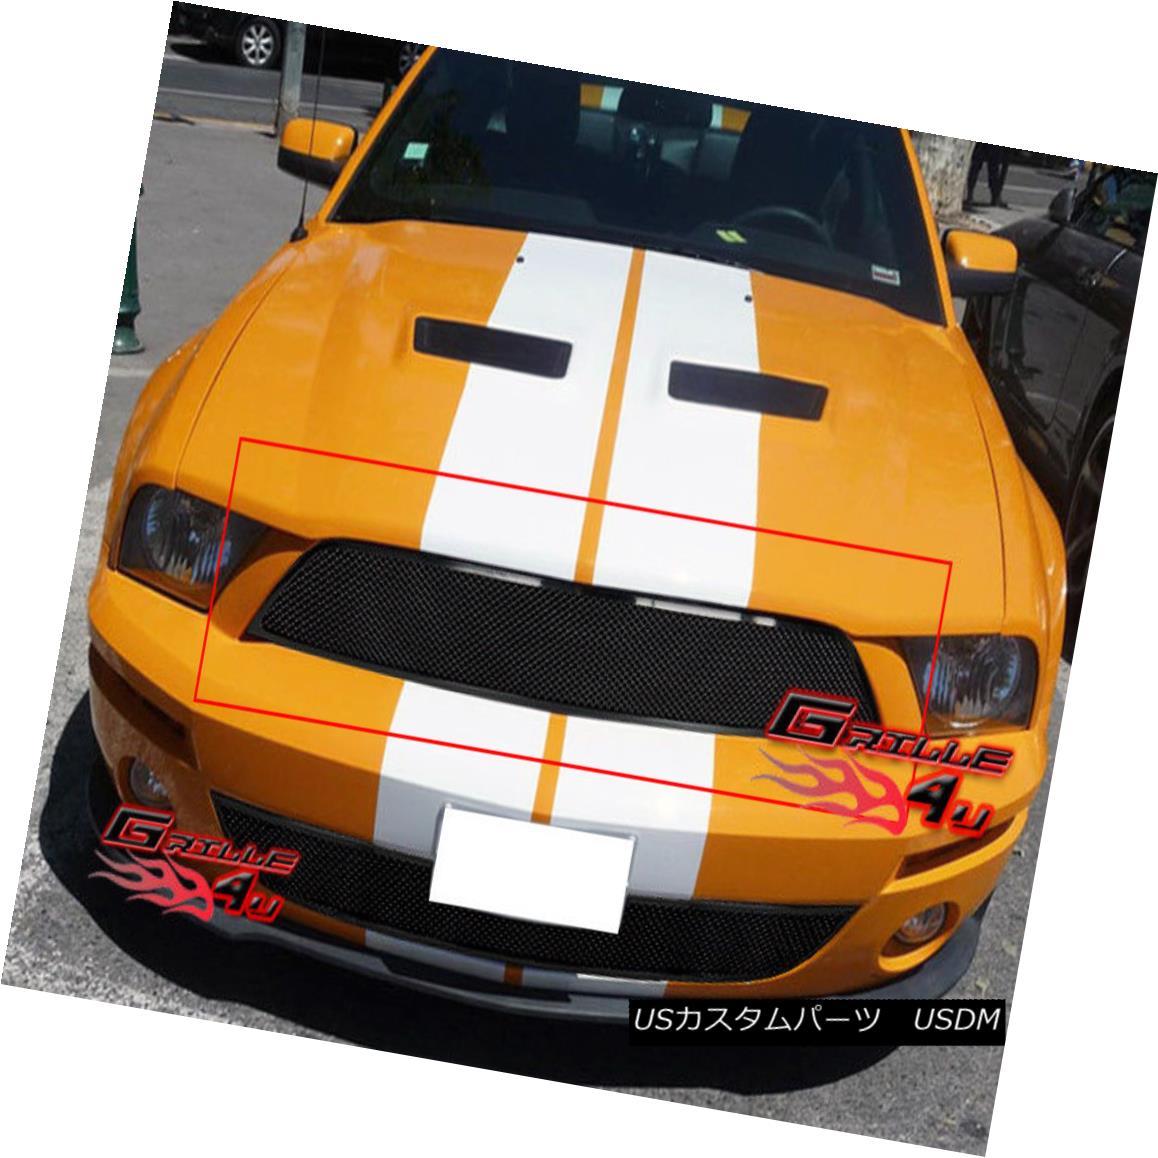 グリル For 07-09 Ford Shelby Black Stainless Steel Mesh Grille 07-09 Ford Shelby Blackステンレススチールメッシュグリル